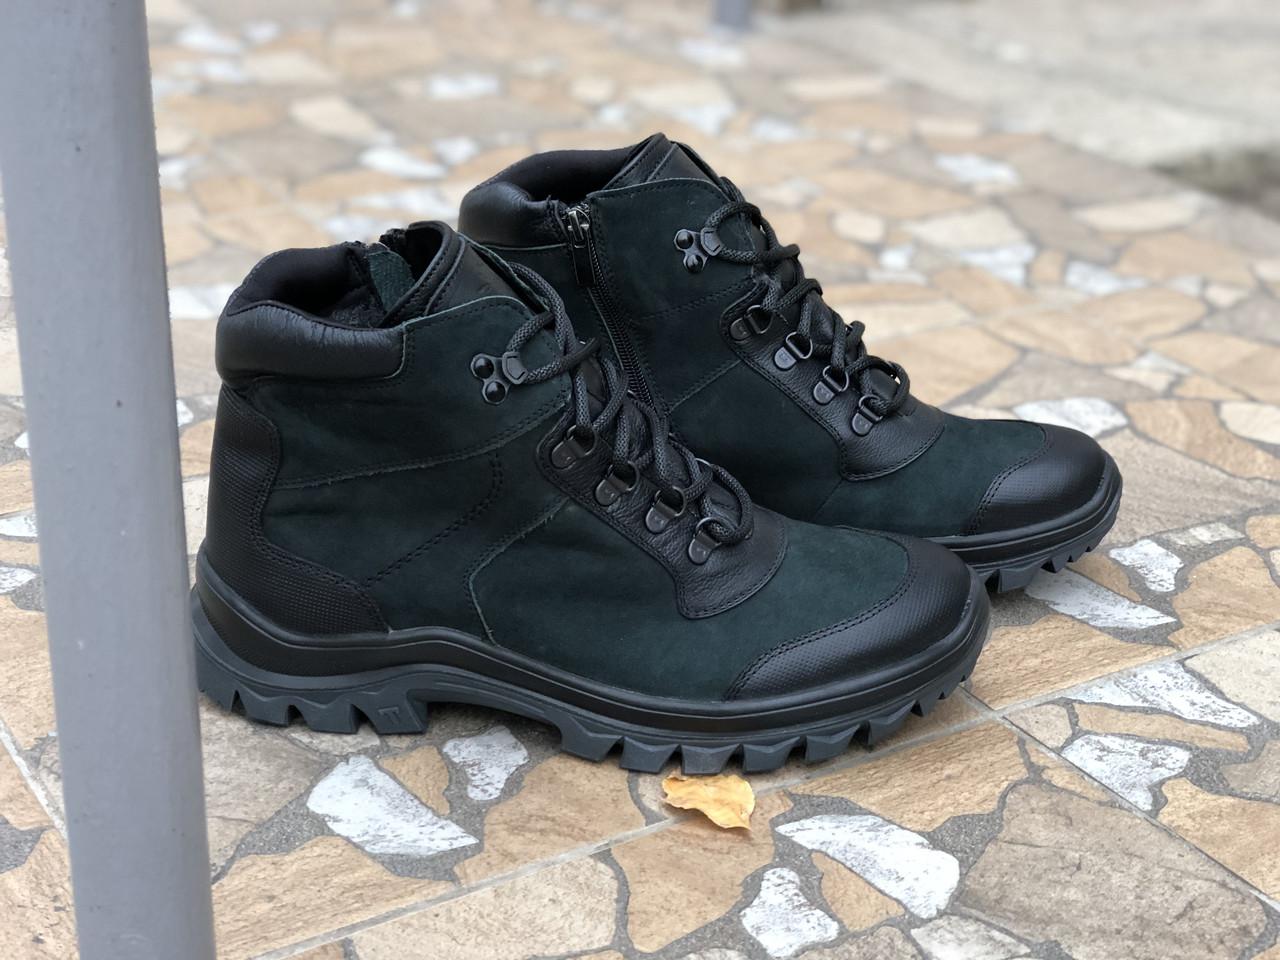 Зимние ботинки Кожаные очень стильная модель Mida 14062 ч/зел размеры 41,42,43,44,45